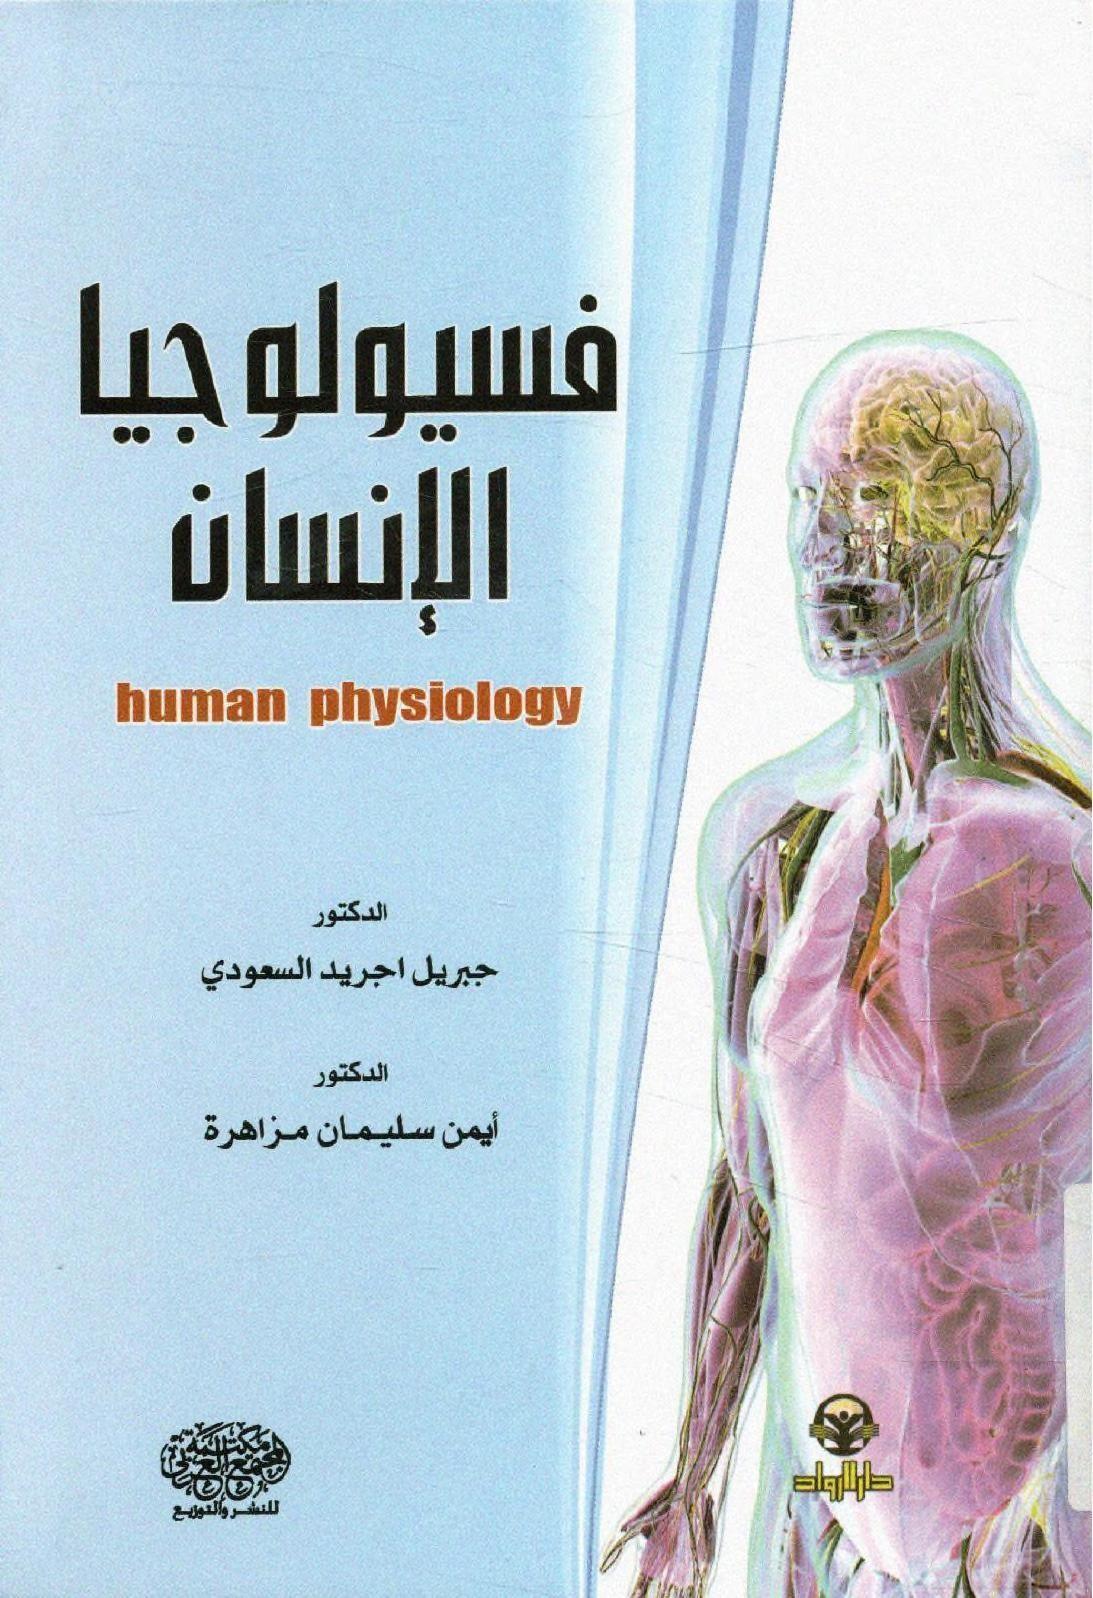 فيسيولوجيا الإنسان Free Download Borrow And Streaming Internet Archive Physiology Writing Book Cover